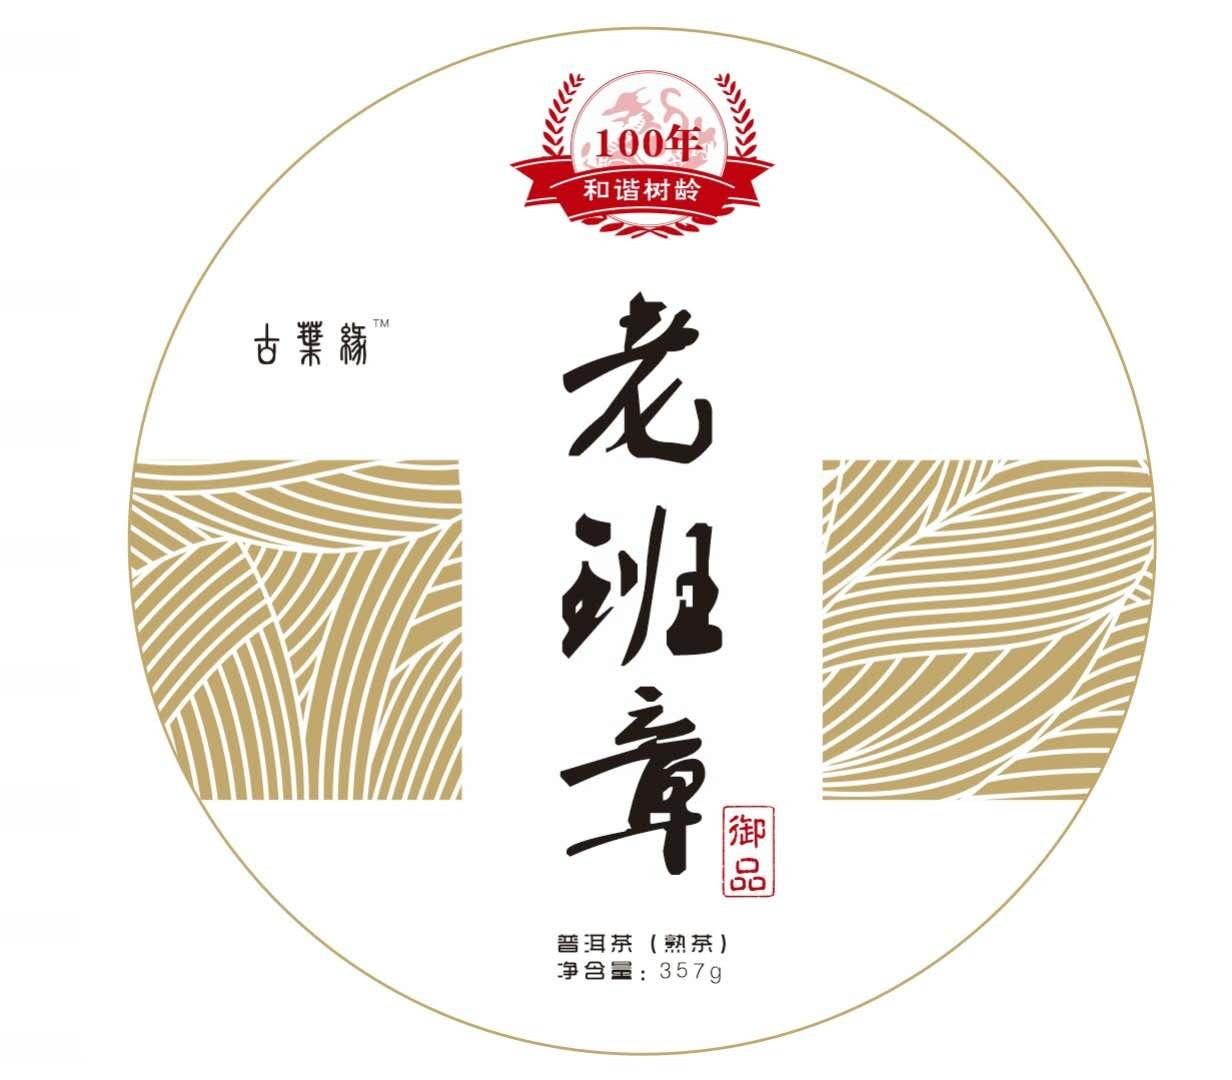 老班章普洱茶�~普洱茶熟茶�布朗山老班章100年�潺g古�浼�料 御品